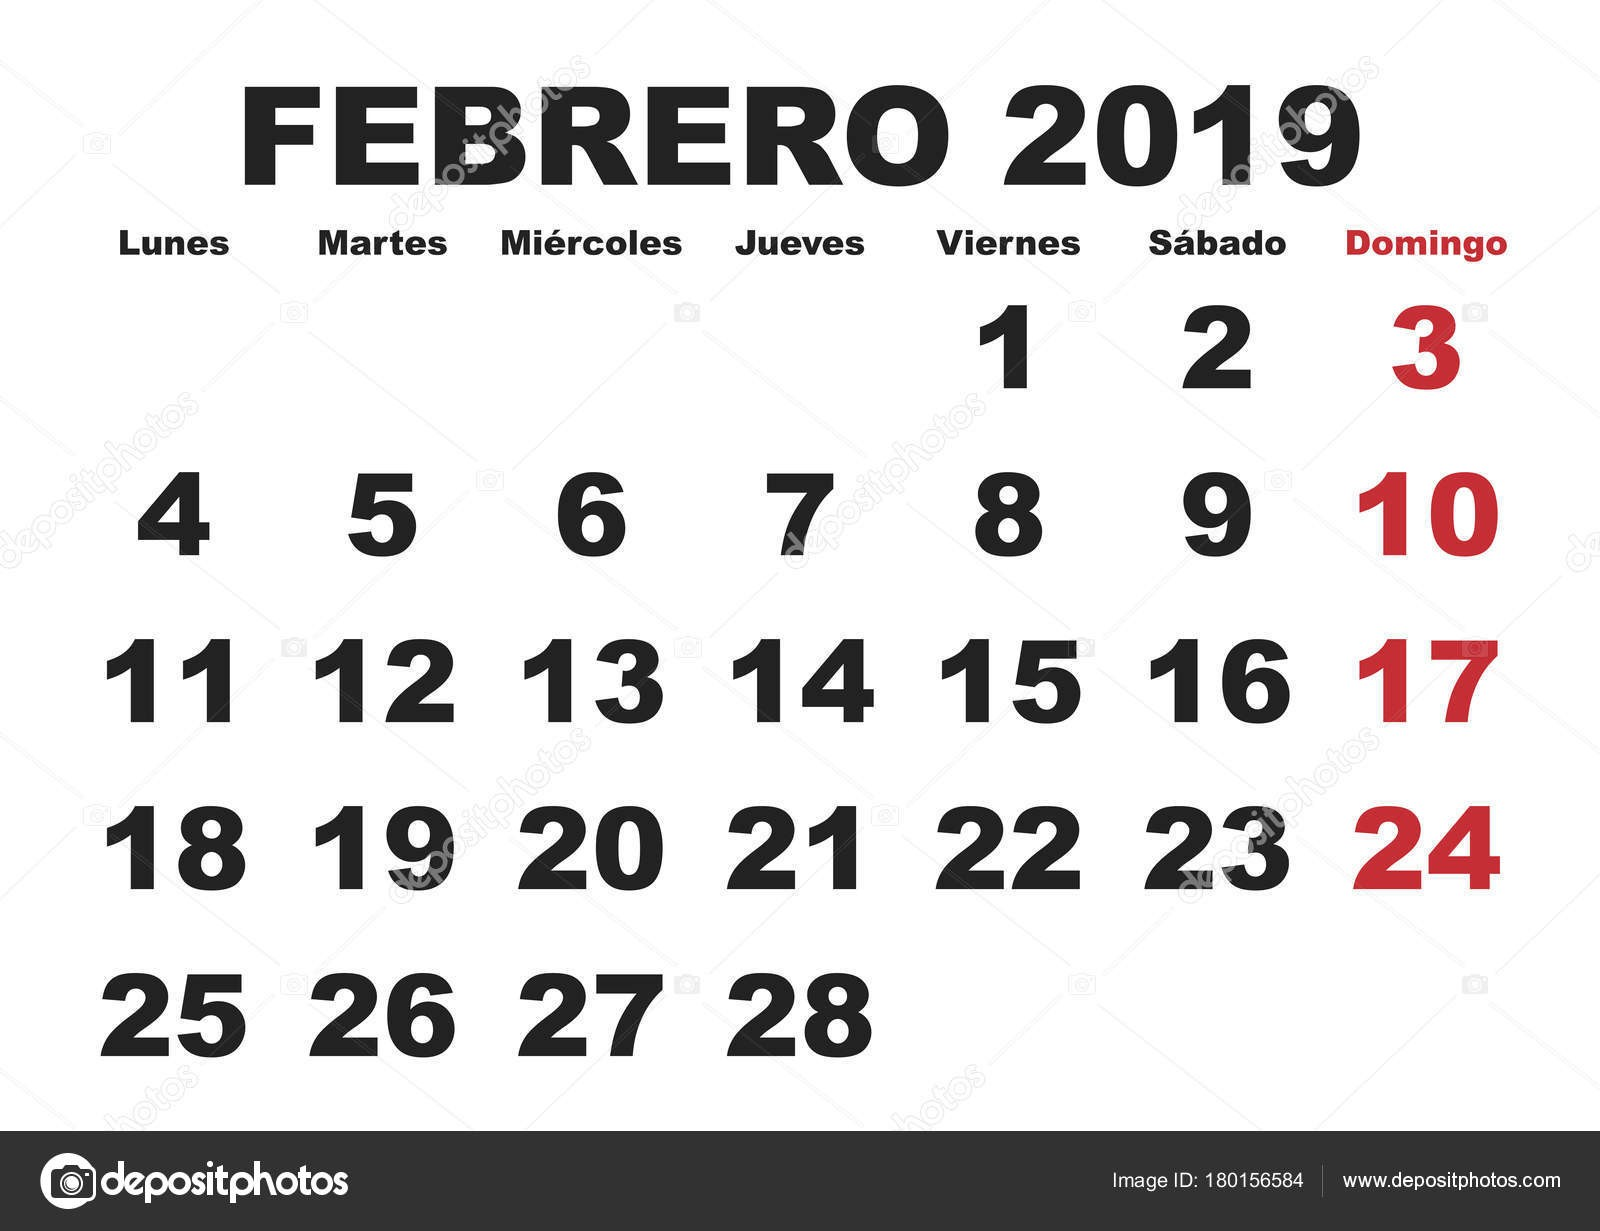 Miesiąc Luty w Kalendarz ścienny roku 2019 w języku hiszpańskim Febrero 2019 Calendario 2019 — Wektor od